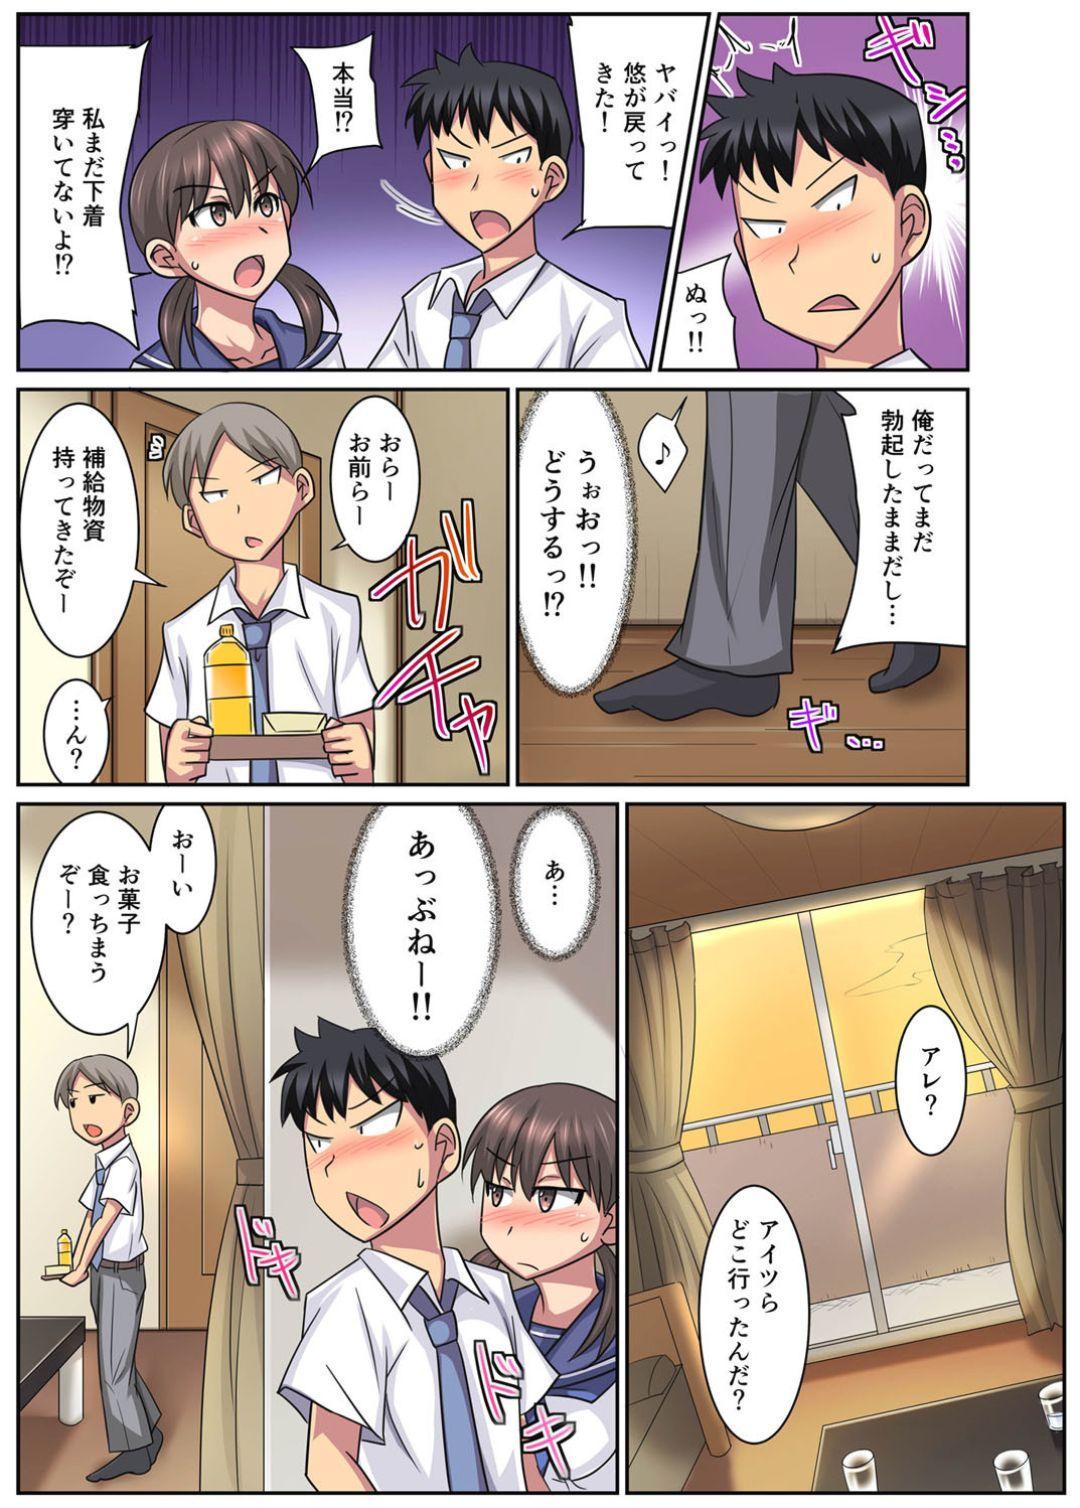 Shinyu no kanojo wa netorare kibo no seiso bitch!? 29